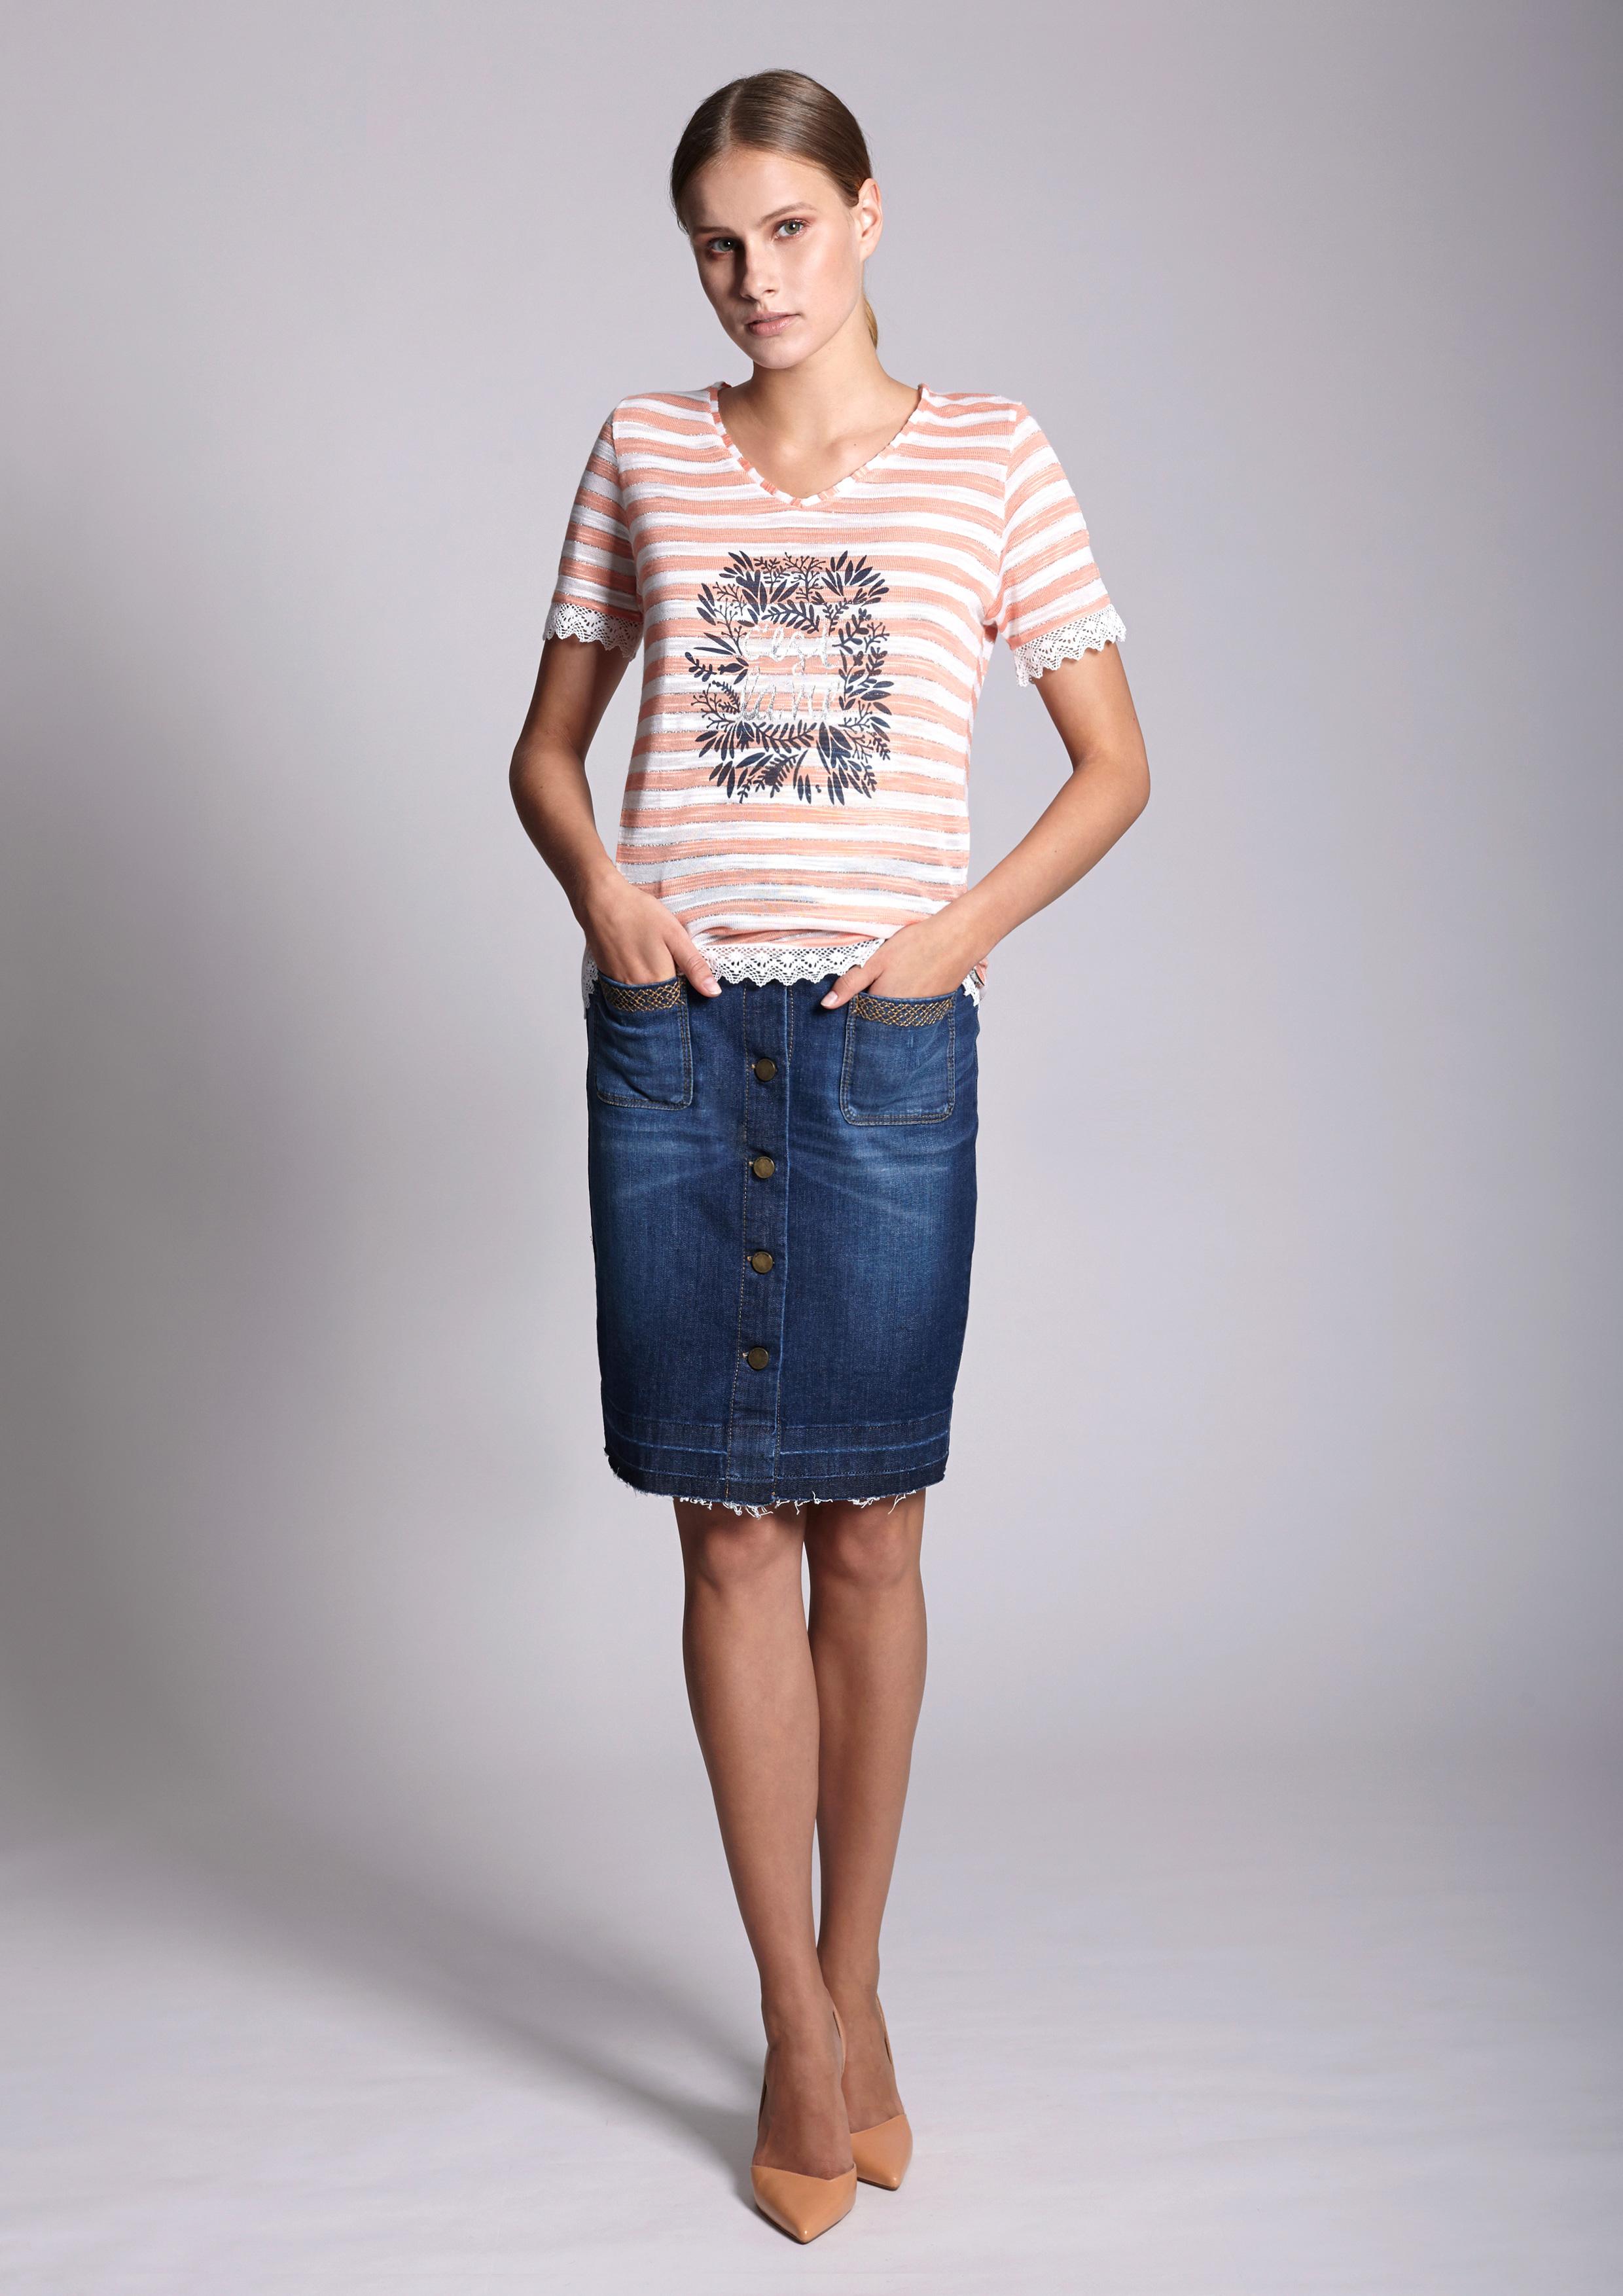 49137d851e Camiseta rayas y falda vaquera